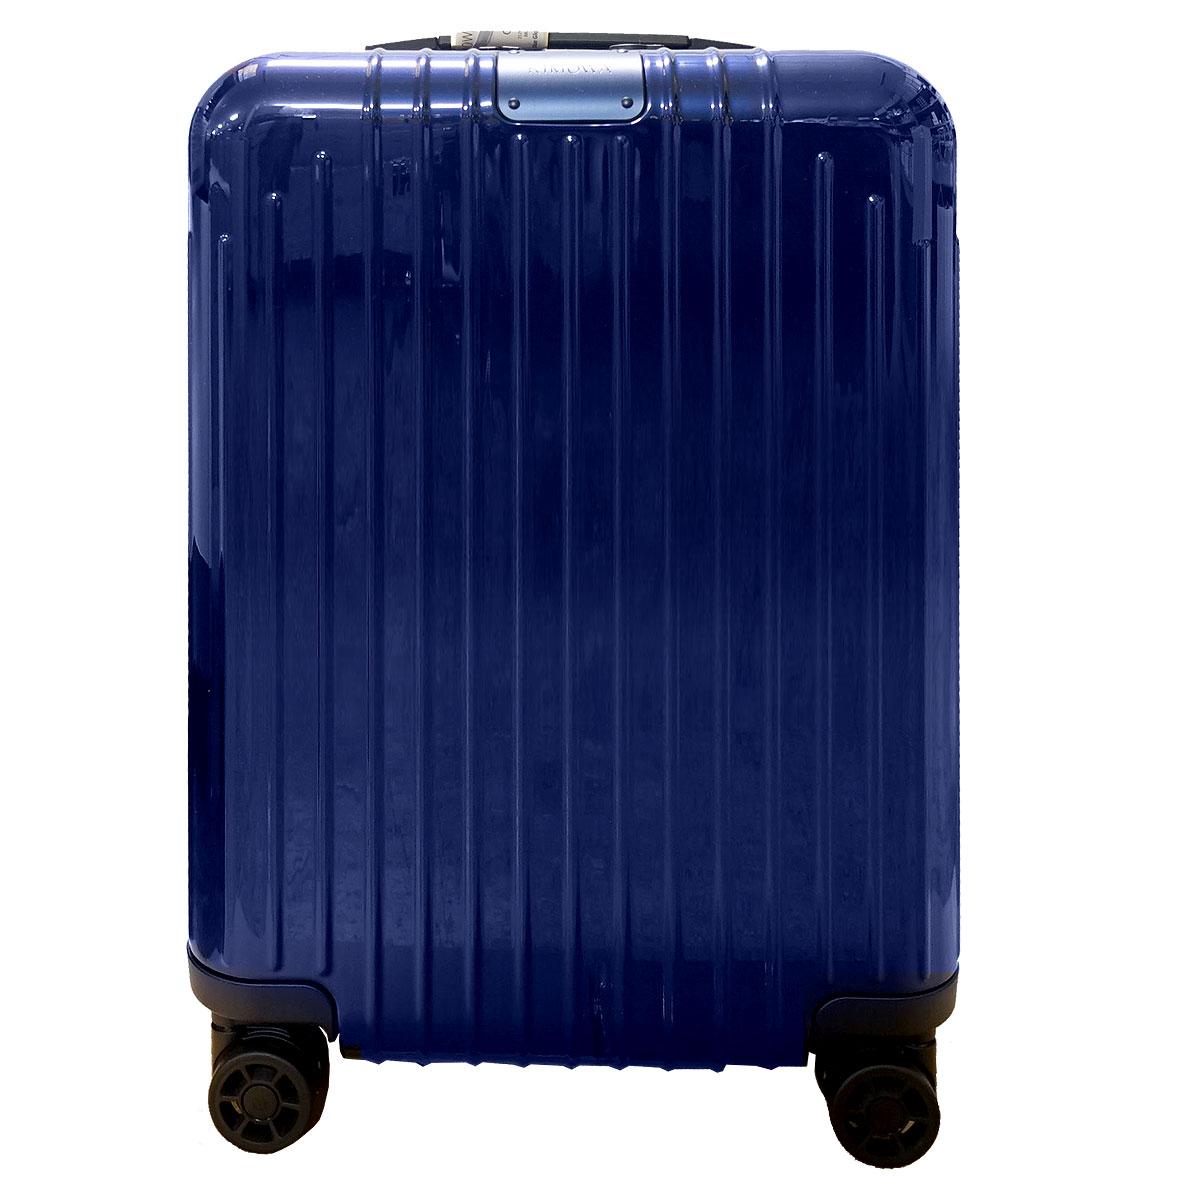 【並行輸入品】RIMOWA リモワ Essential Lite Cabin 823.53.60.4 Blue【82353604】【宅配便送料無料】 (wn0306)(6039255)